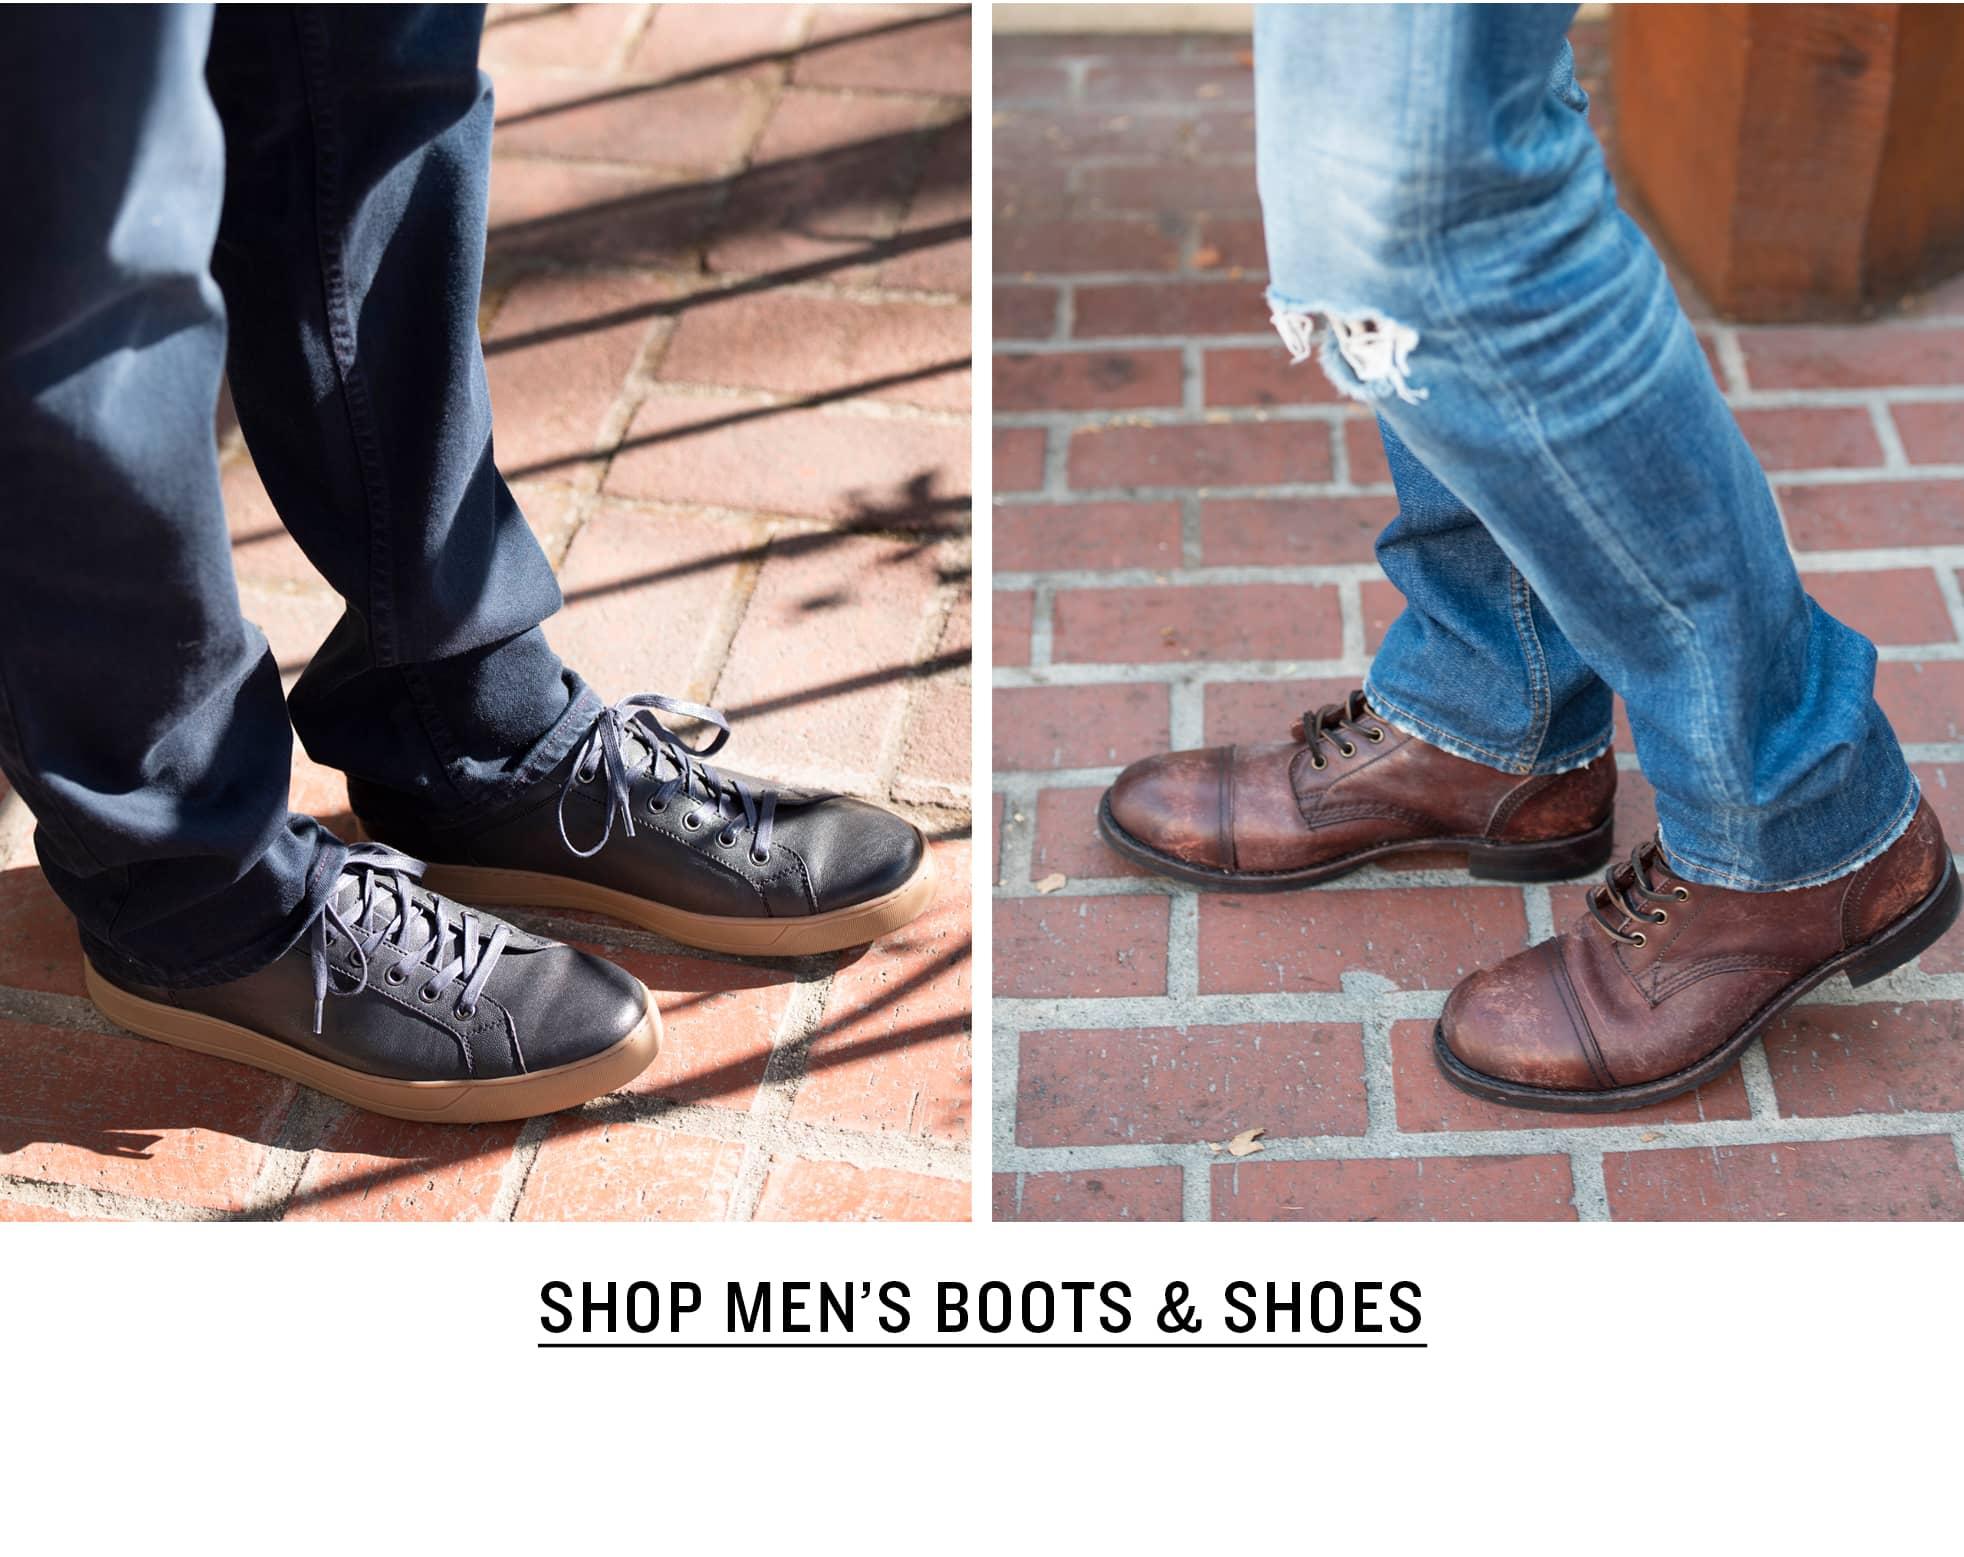 Shop Men's Boots & Shoes